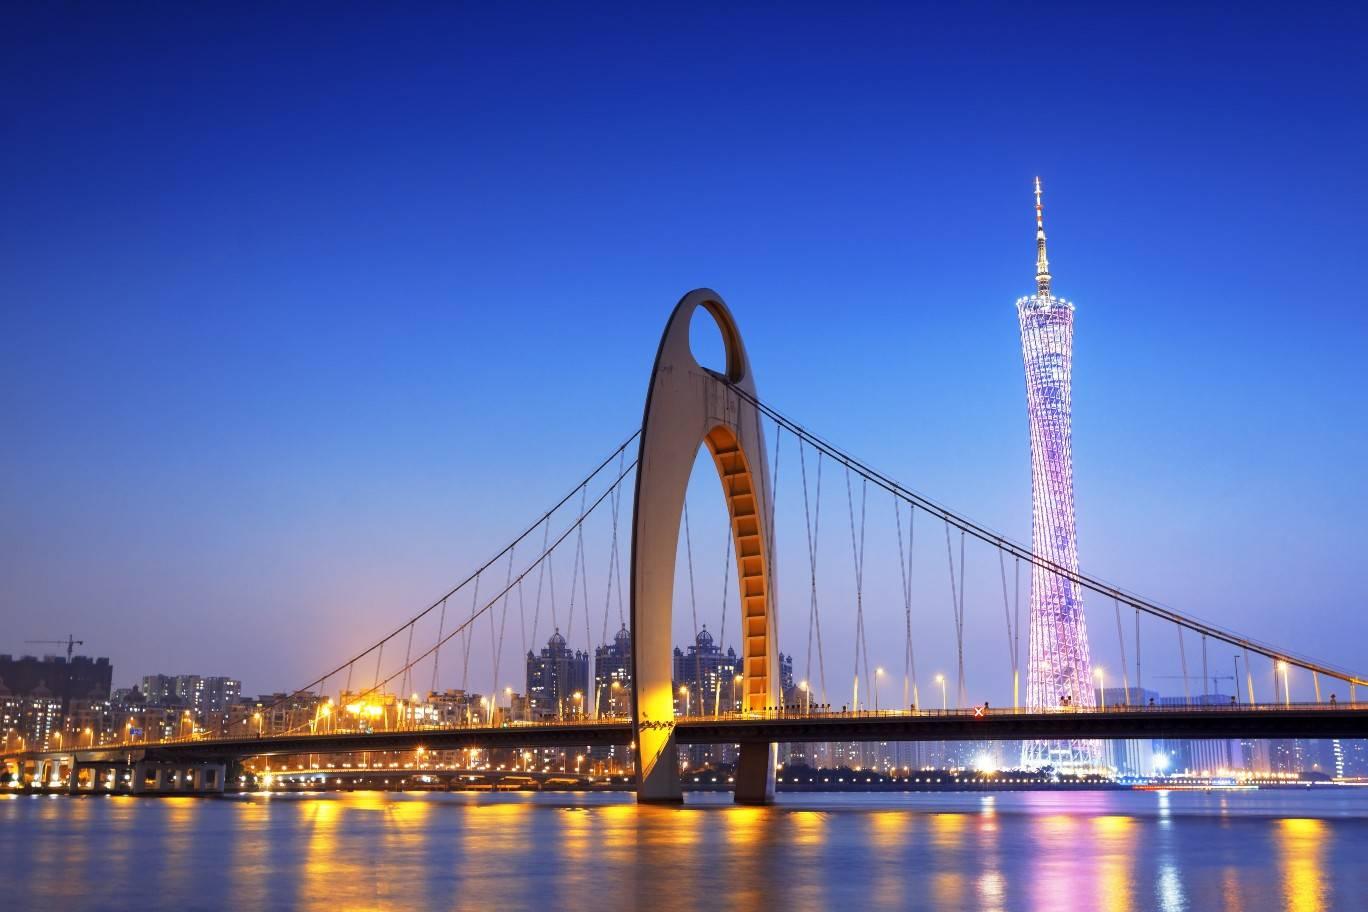 新疆各市gdp排名_实拍新疆最富有的城市,人均GDP远超北京、上海,房价却比县城低